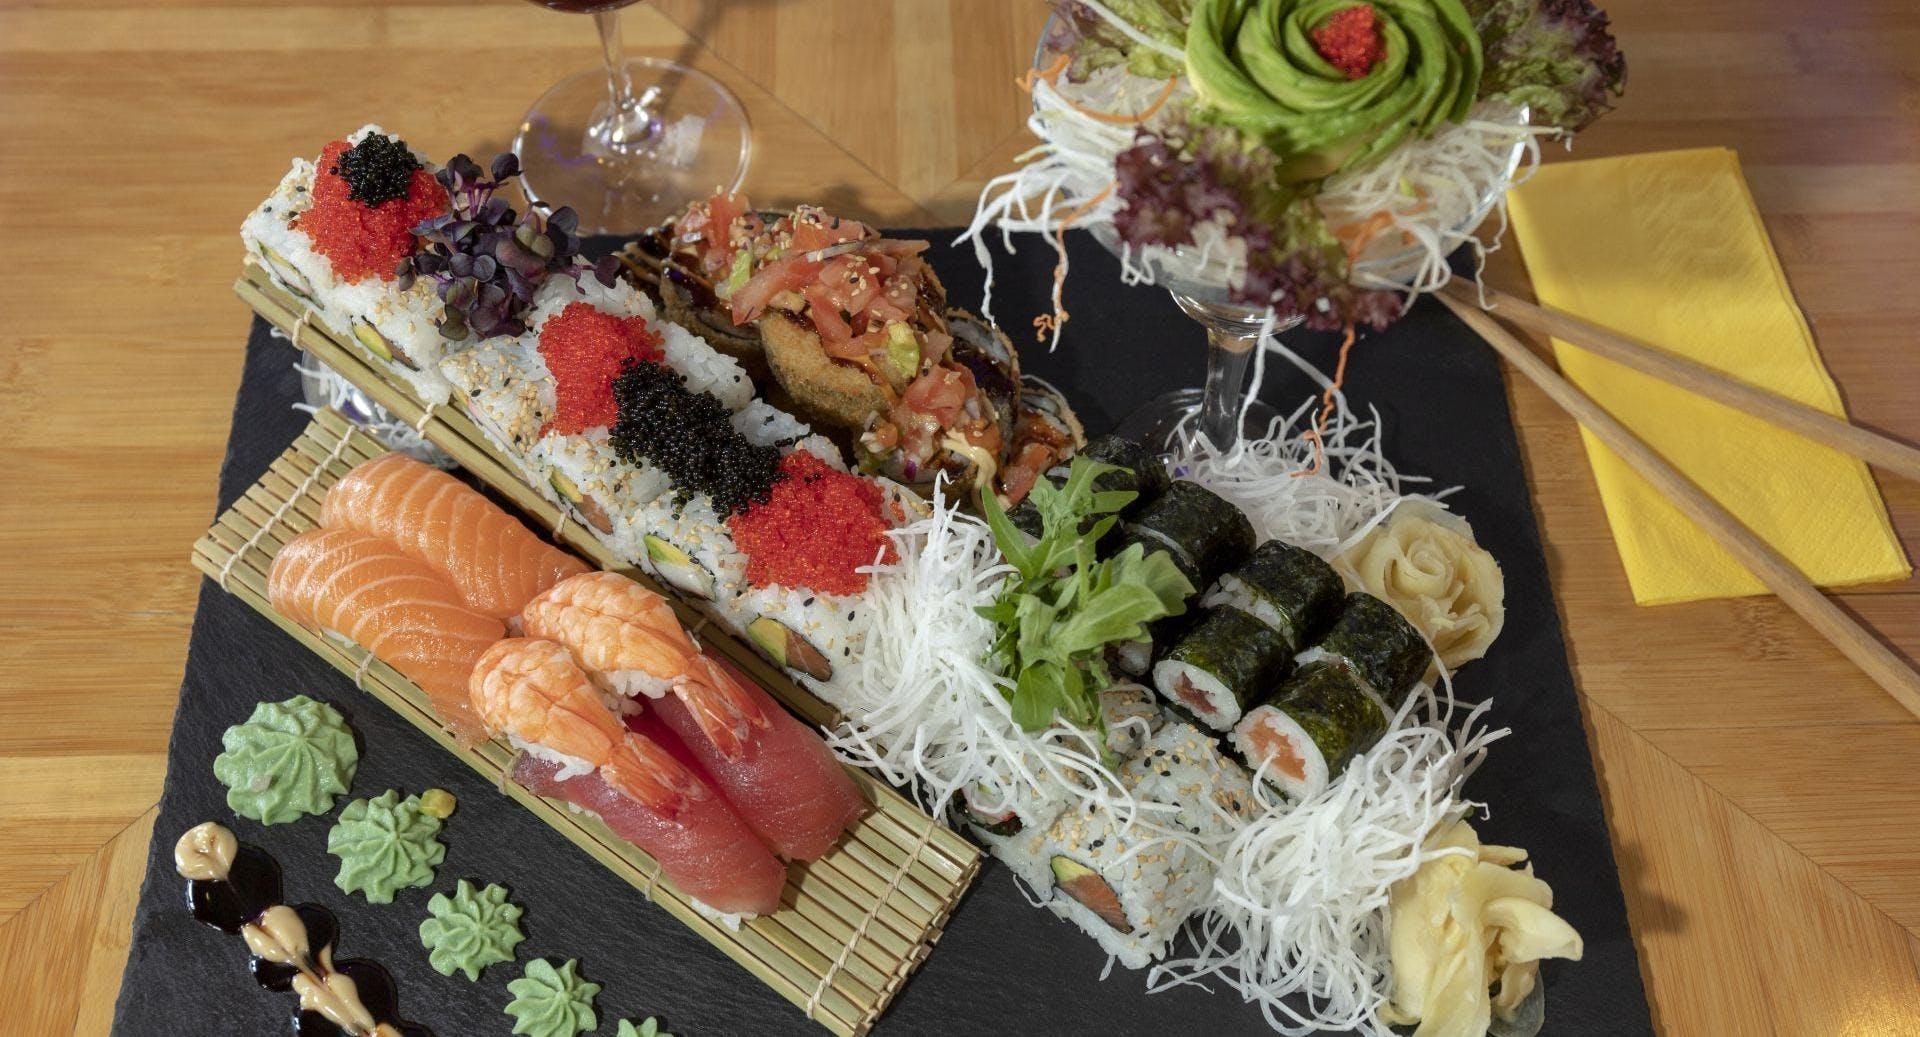 Avada Restaurant Nürtingen image 2